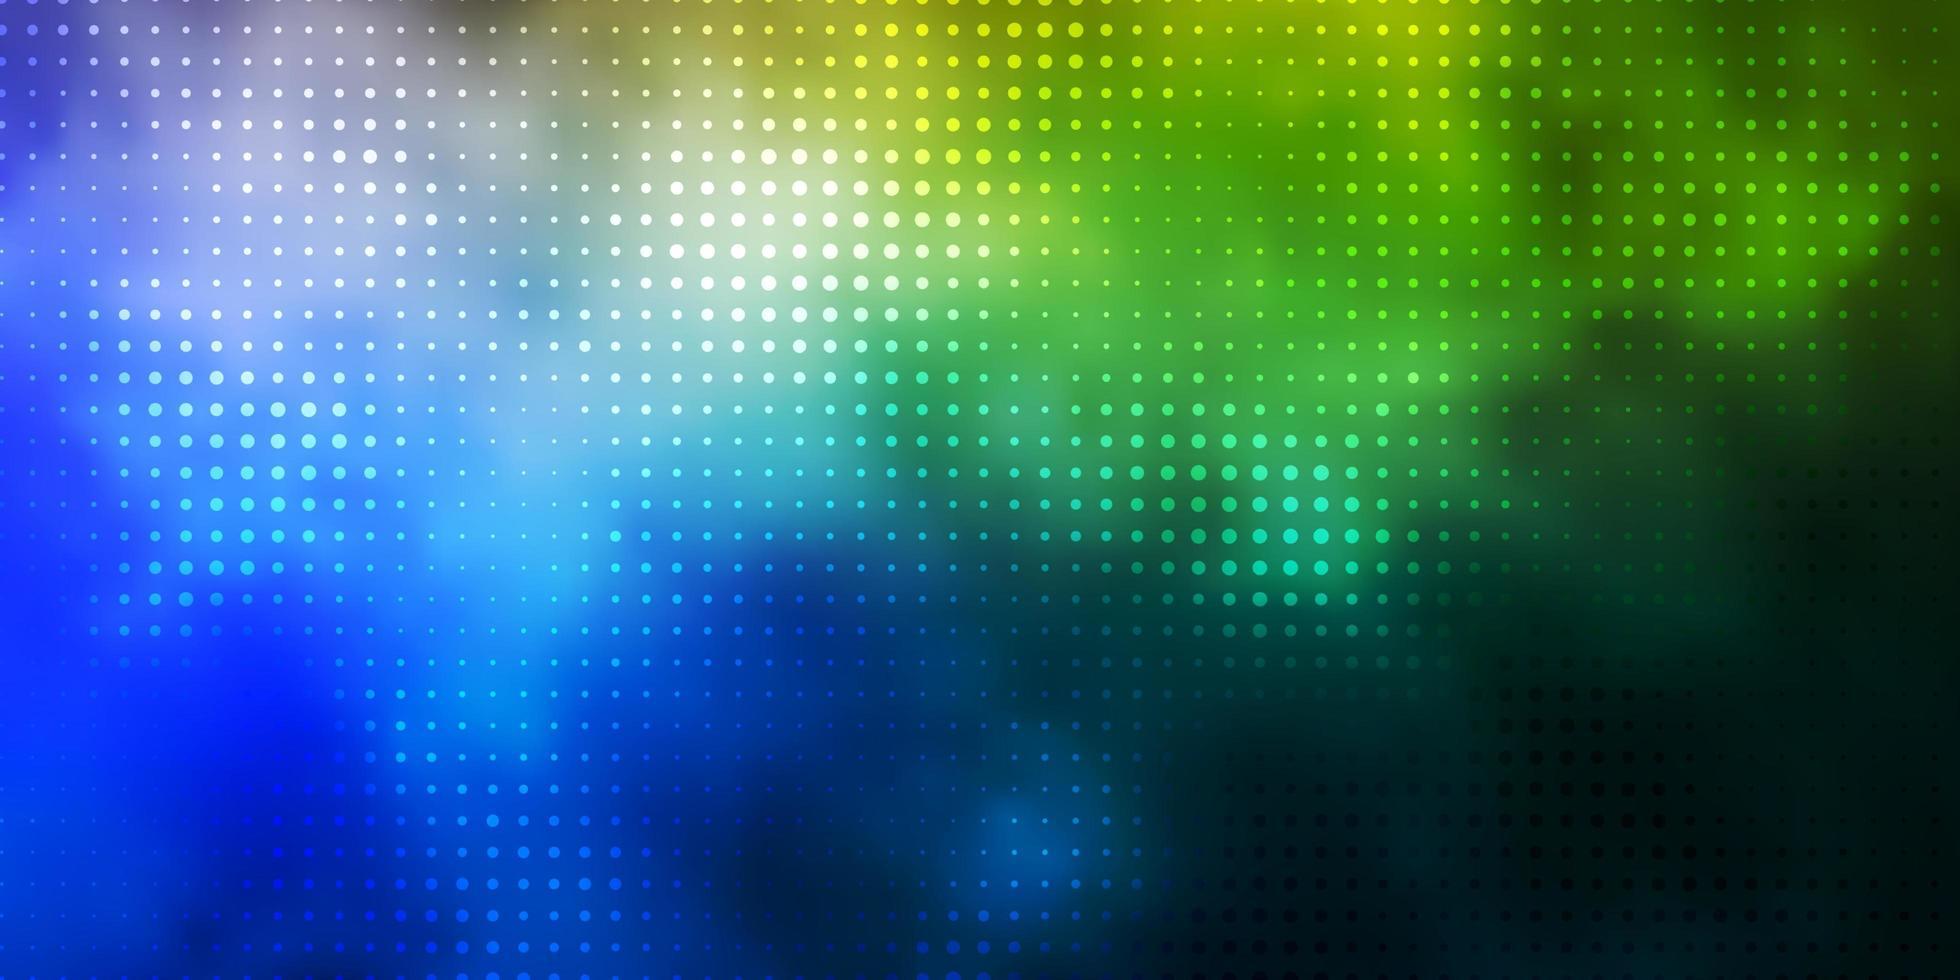 lichtblauw, groen patroon met bollen. vector